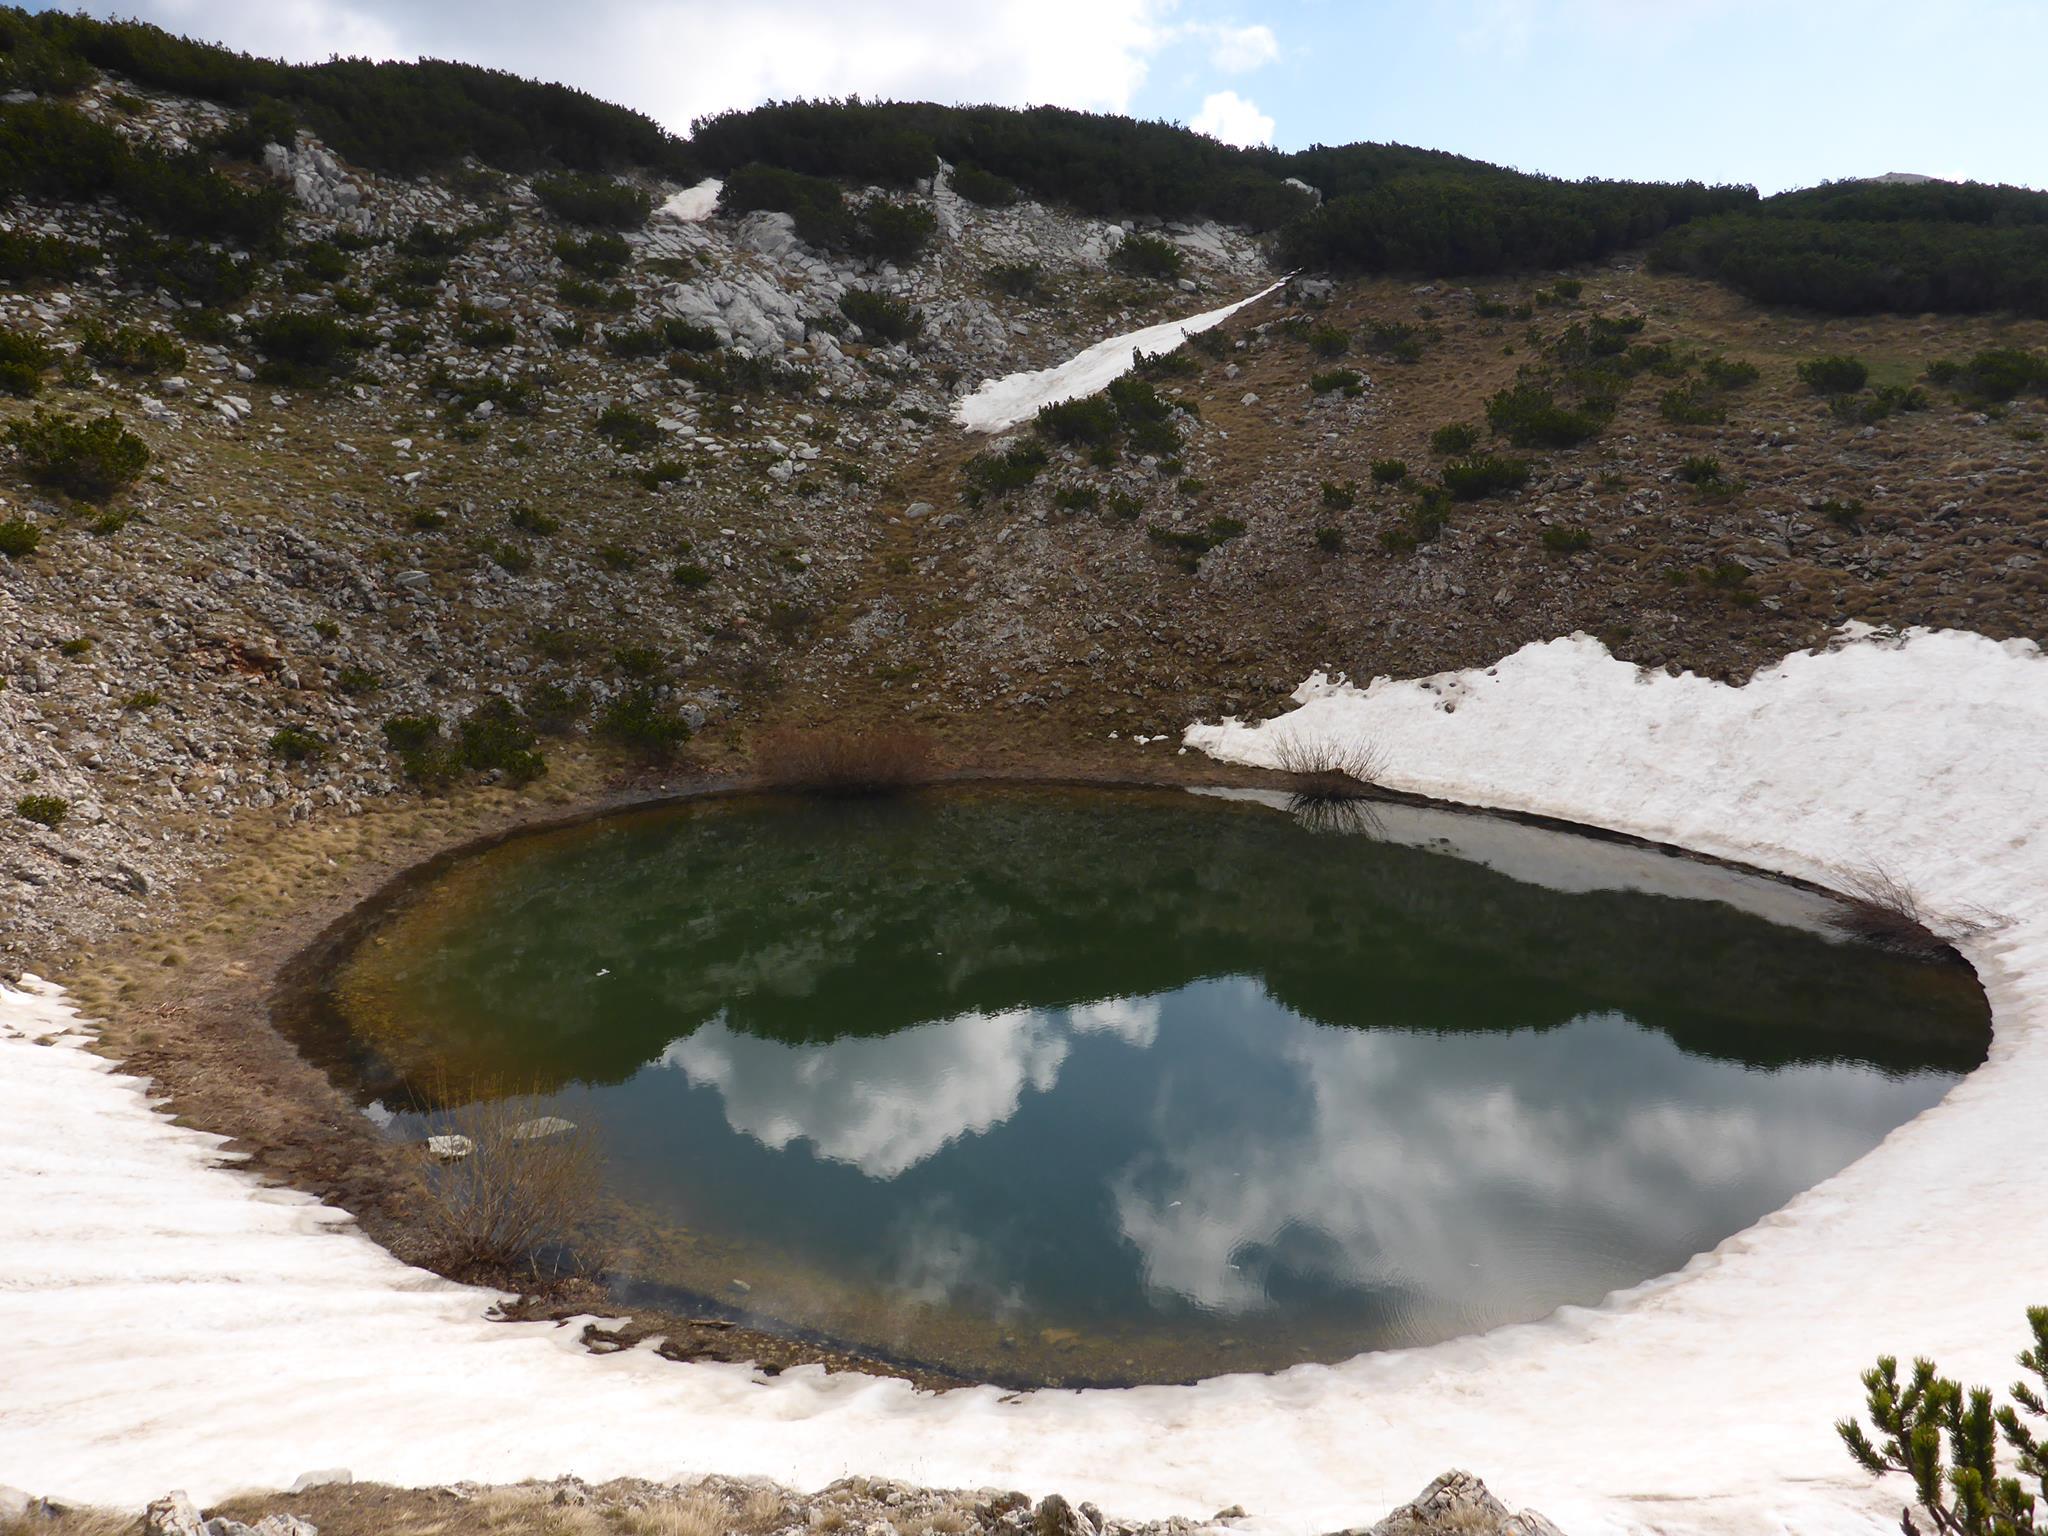 Les sources d'eau ne sont pas faciles à trouver, je suis heureux lorsque je rencontre des lacs